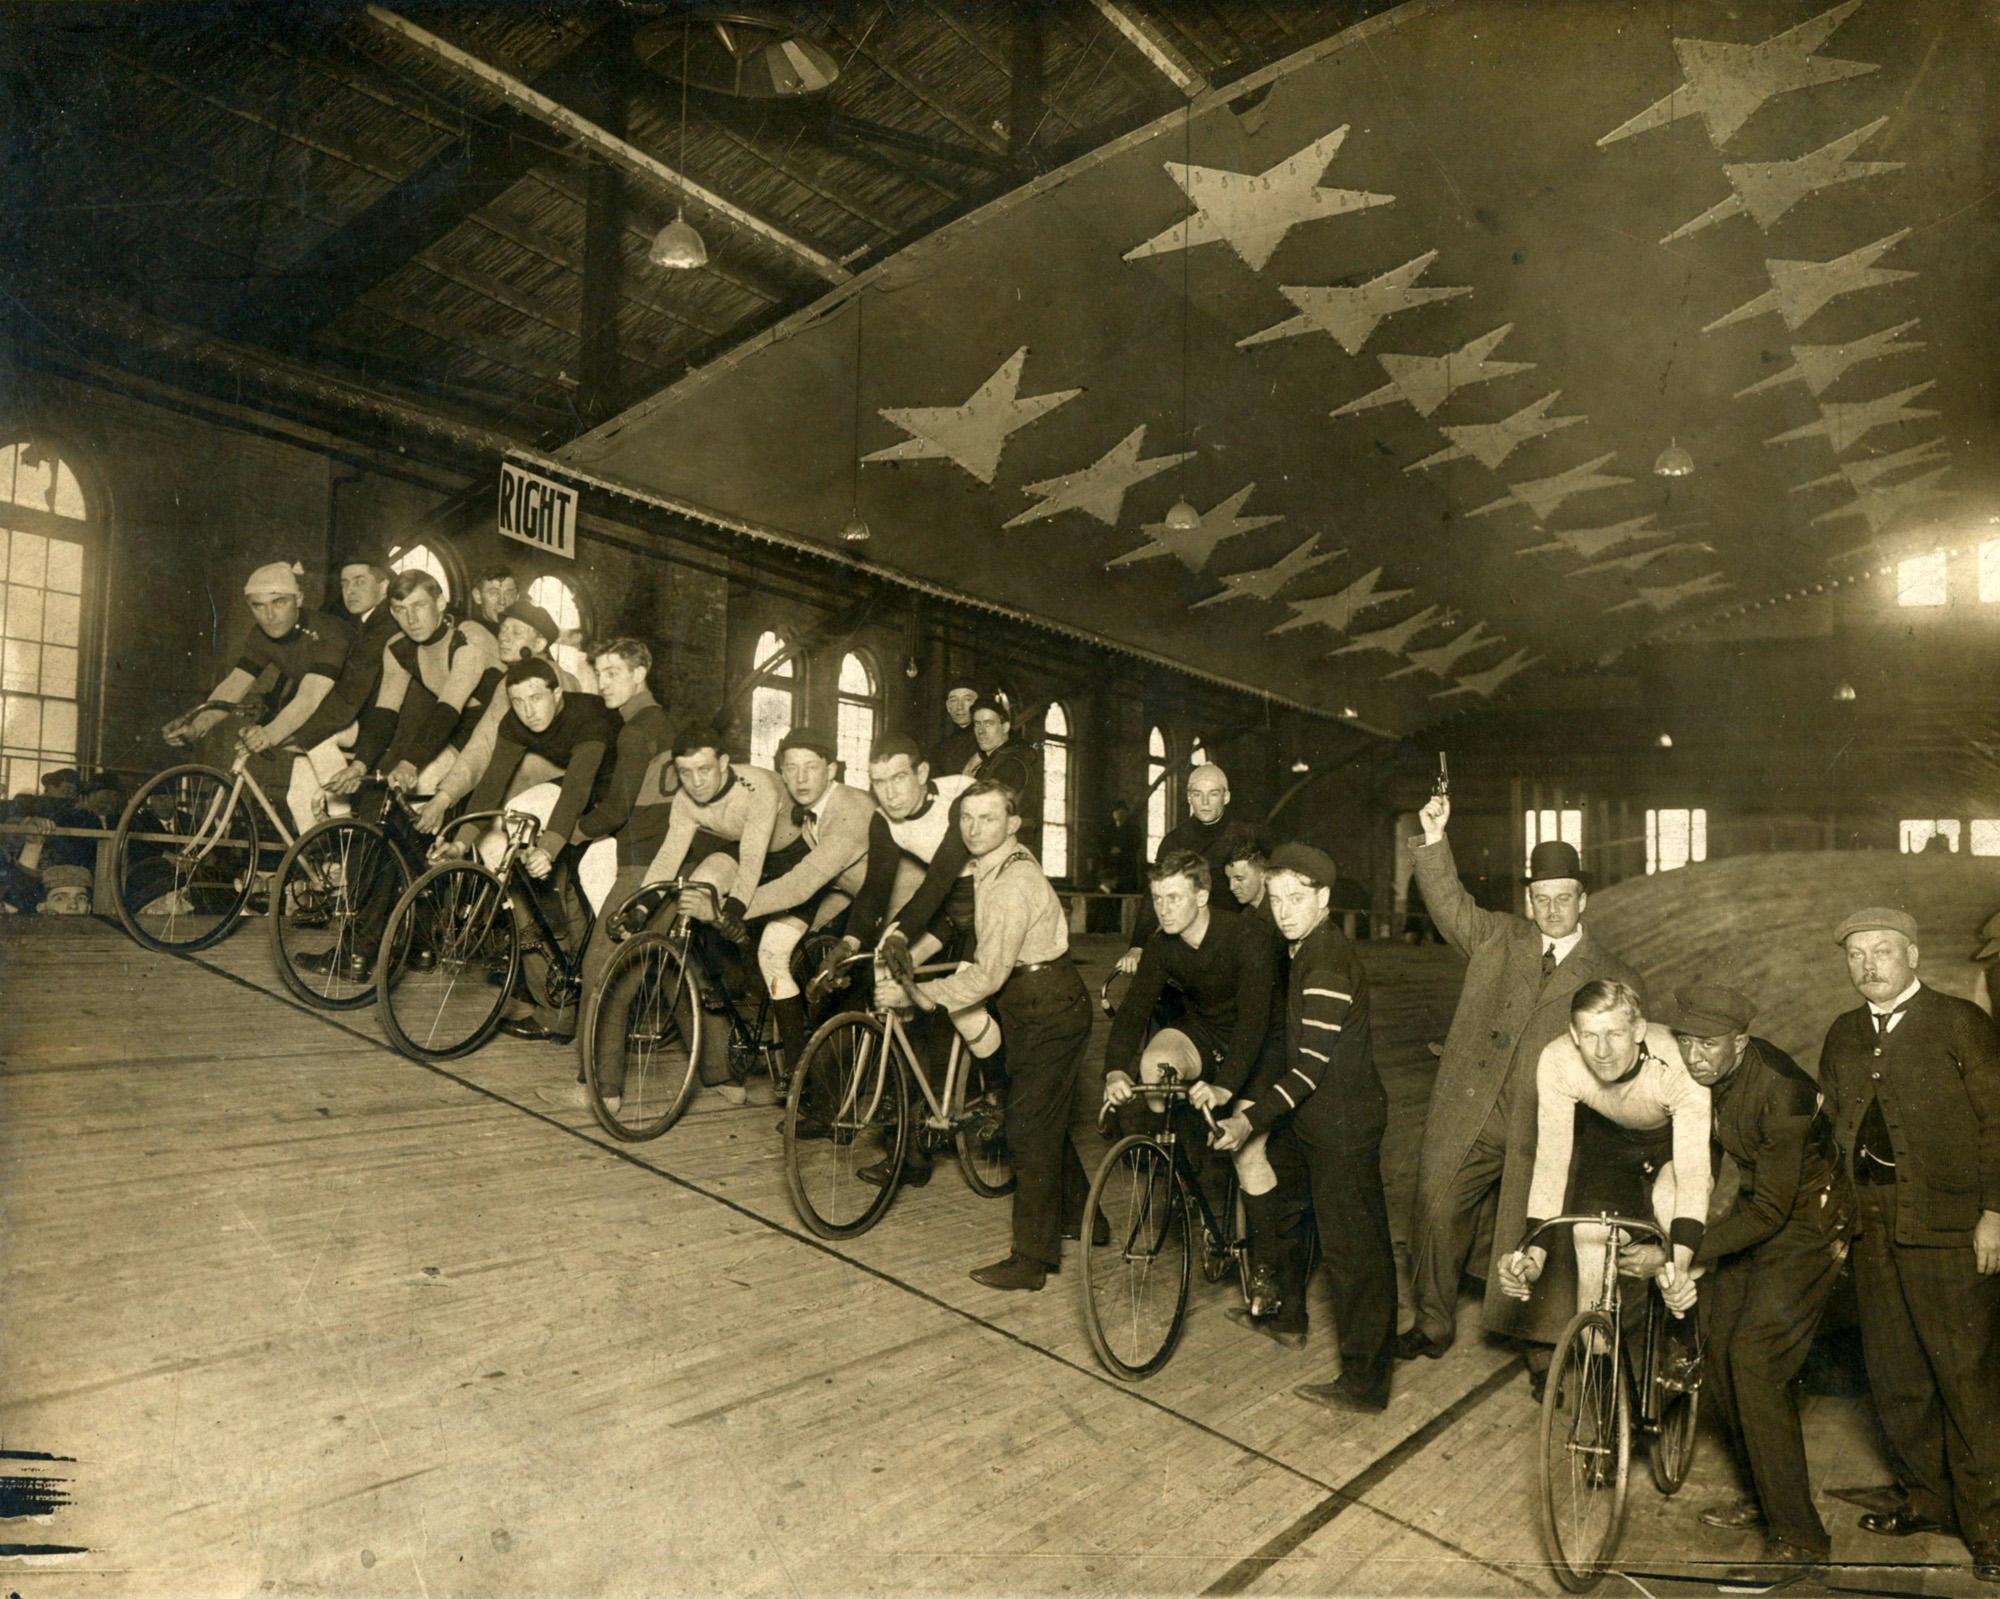 Bicycle_Races_Newark_Nutley_NJ836-002.jpg